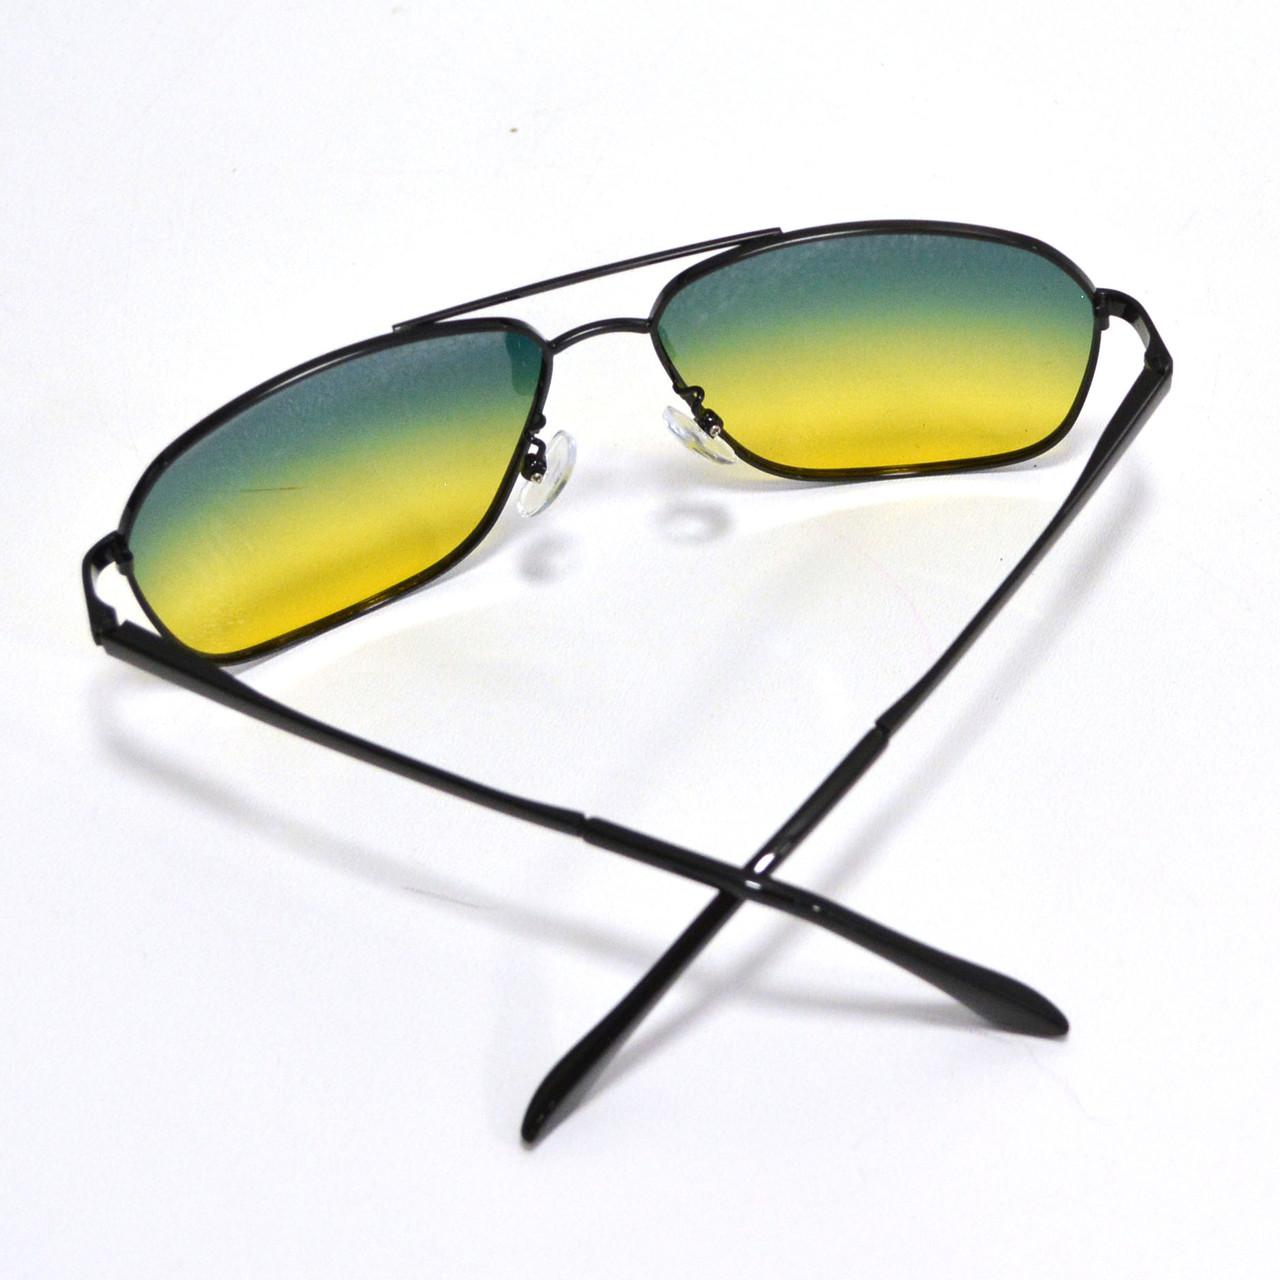 Солнцезащитные поляризационные очки ПОЛАРОИД UV400 тонкая сдвоенная оправа желто зеленые стекла АВТО PX16117 - фото 9